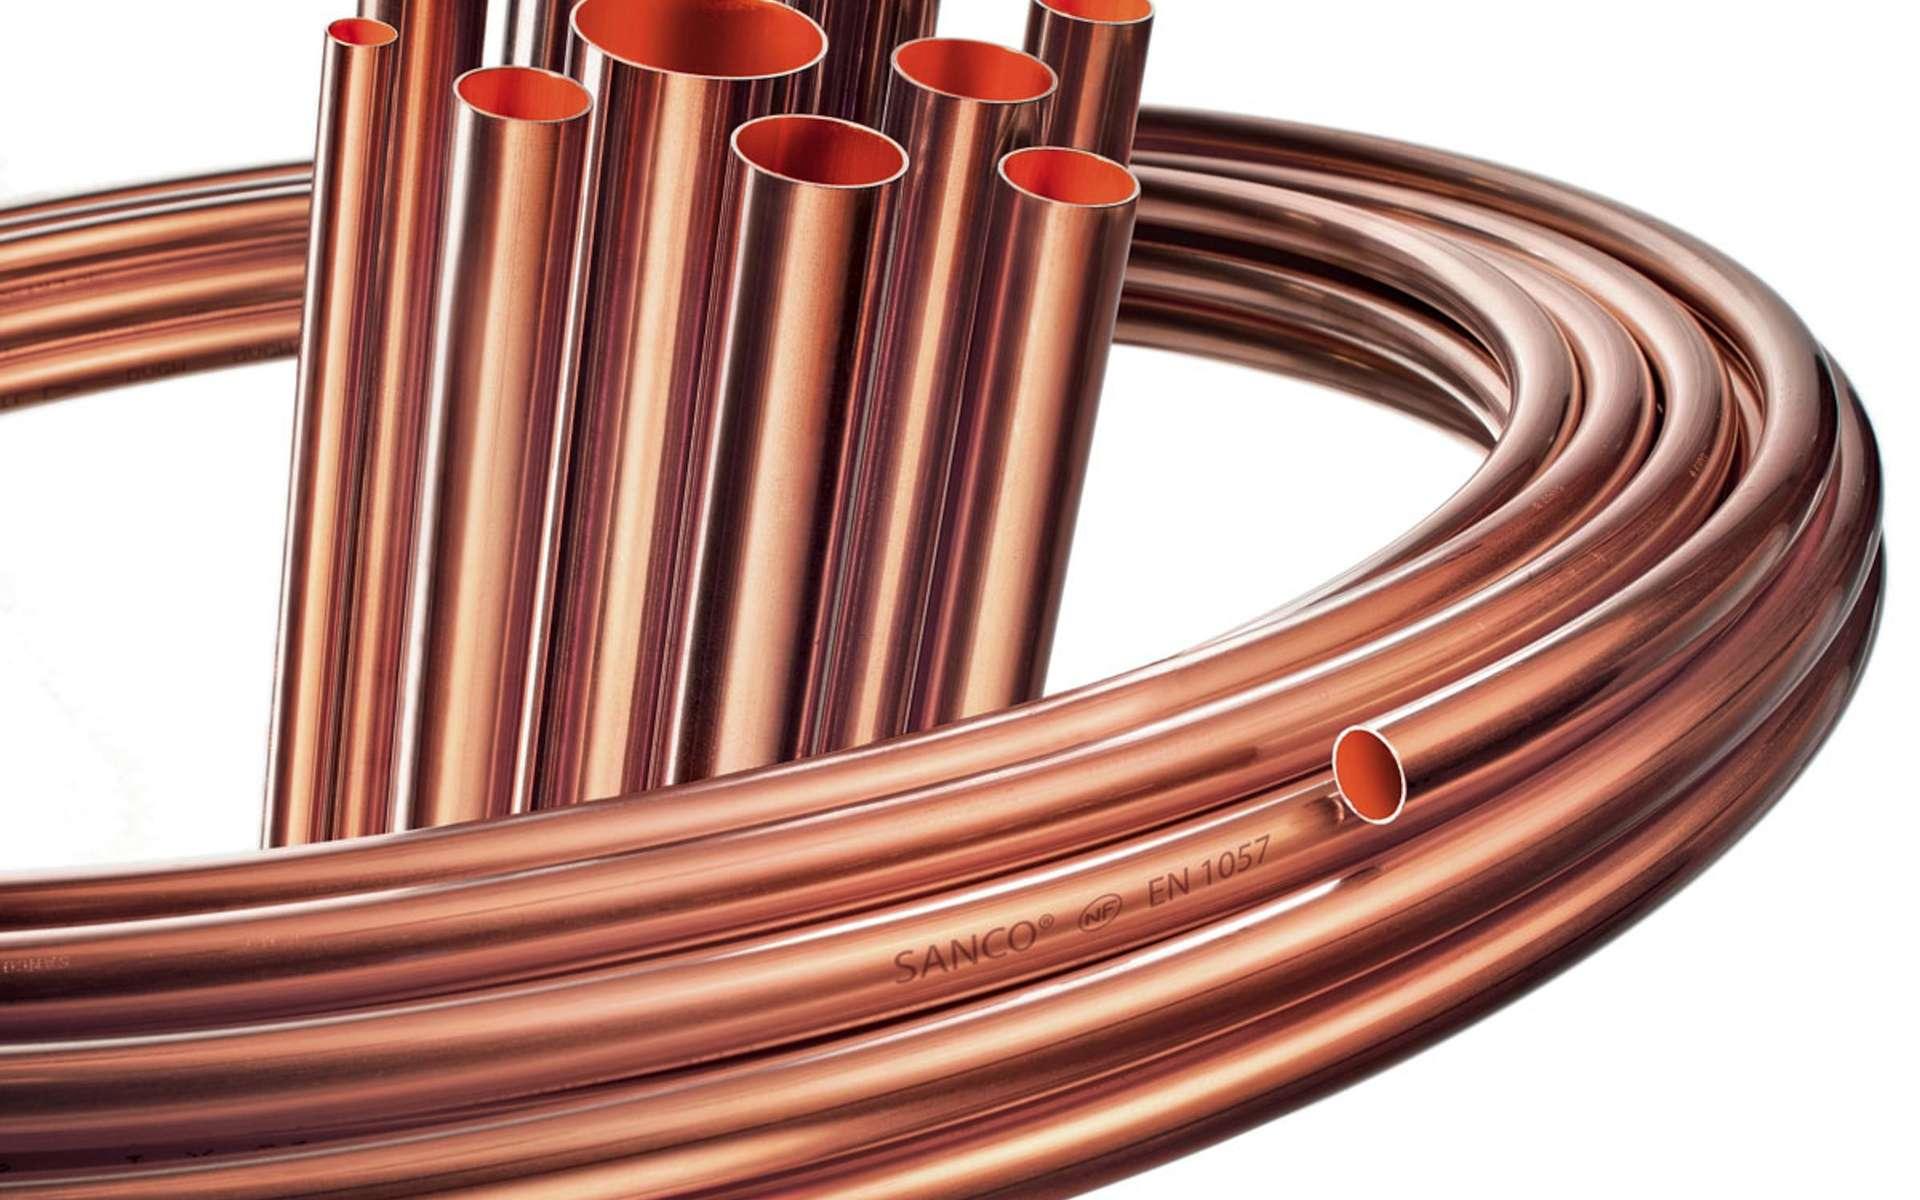 Les tubes de cuivre écroui se posent en apparent. Ceux en cuivre recuit sont destinés aux installations sous coffrage ou encastrées. Le faible coefficient de dilatation du métal permet de le noyer sans difficulté particulière dans une chape humide. © Sanco